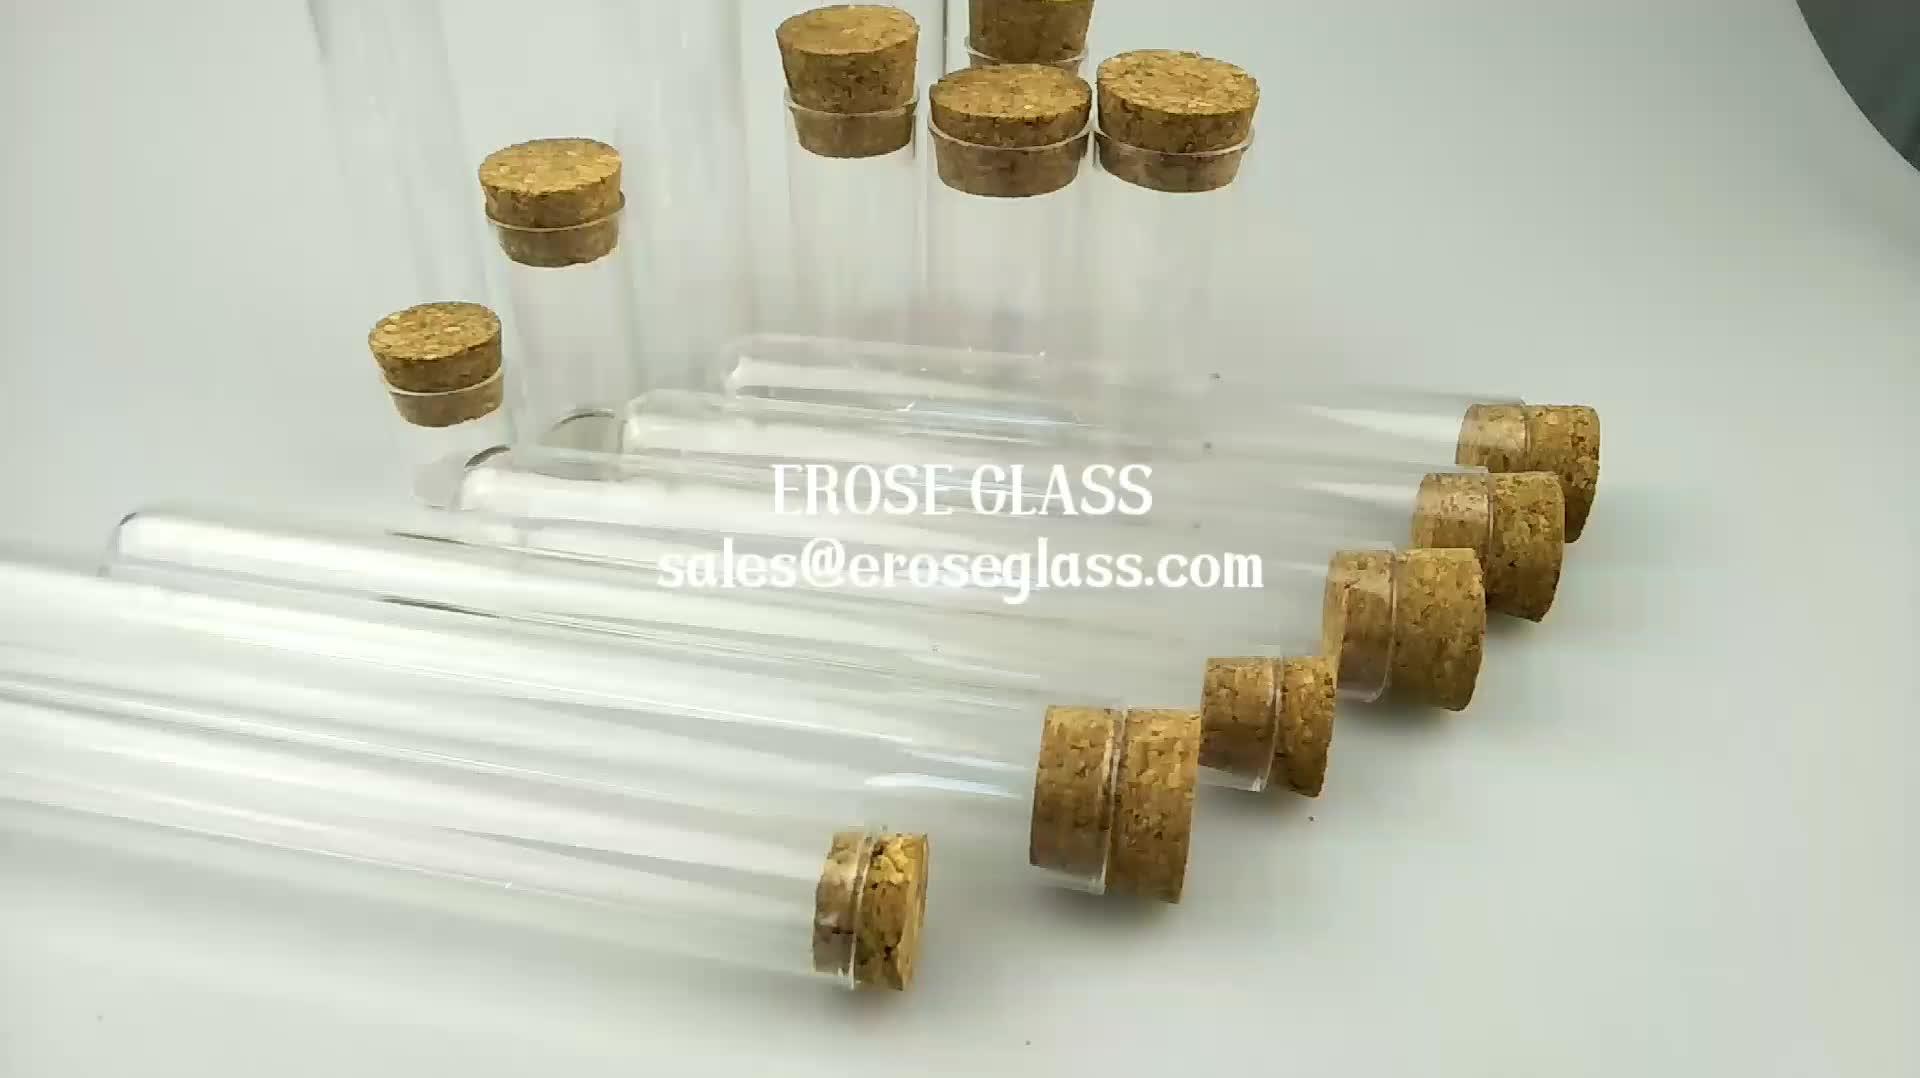 ขายส่งที่กำหนดเองแบนหรือรอบด้านล่างแก้วหลอดที่มีฝาปิด cork